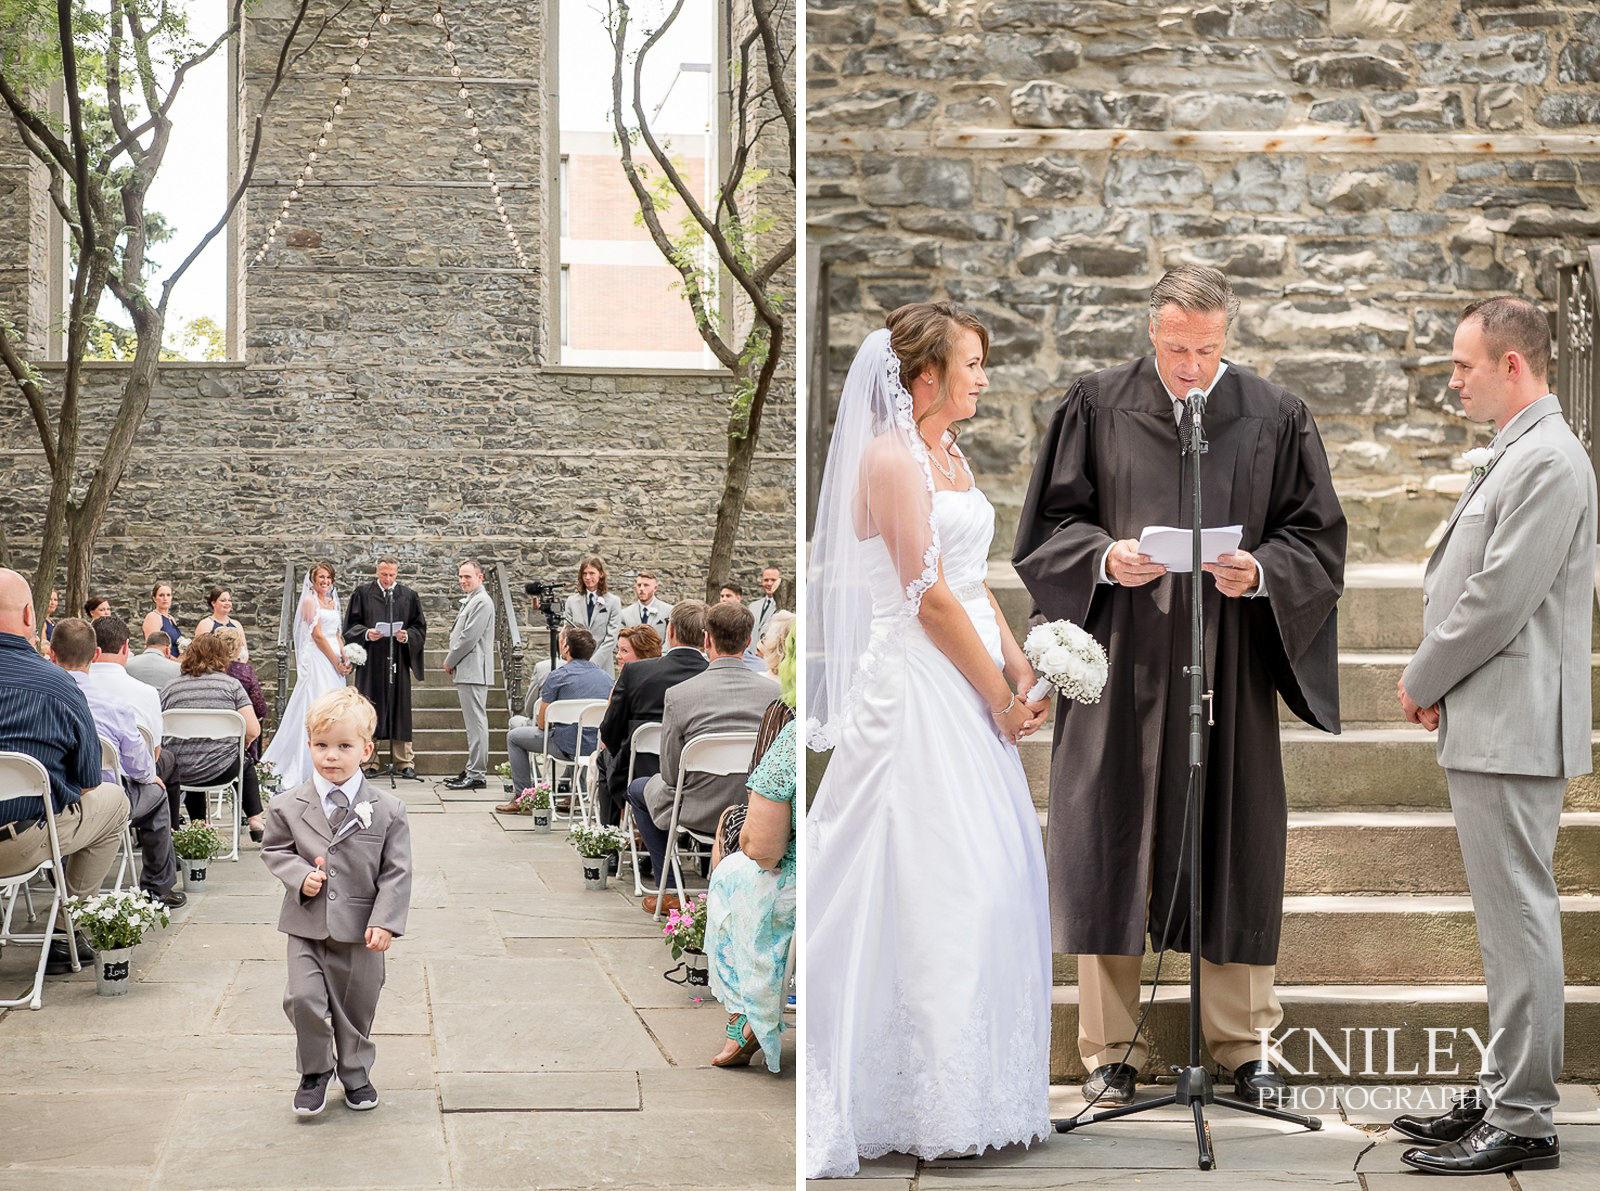 060 - St Josephs Park Wedding Picture - Rochester NY.jpg